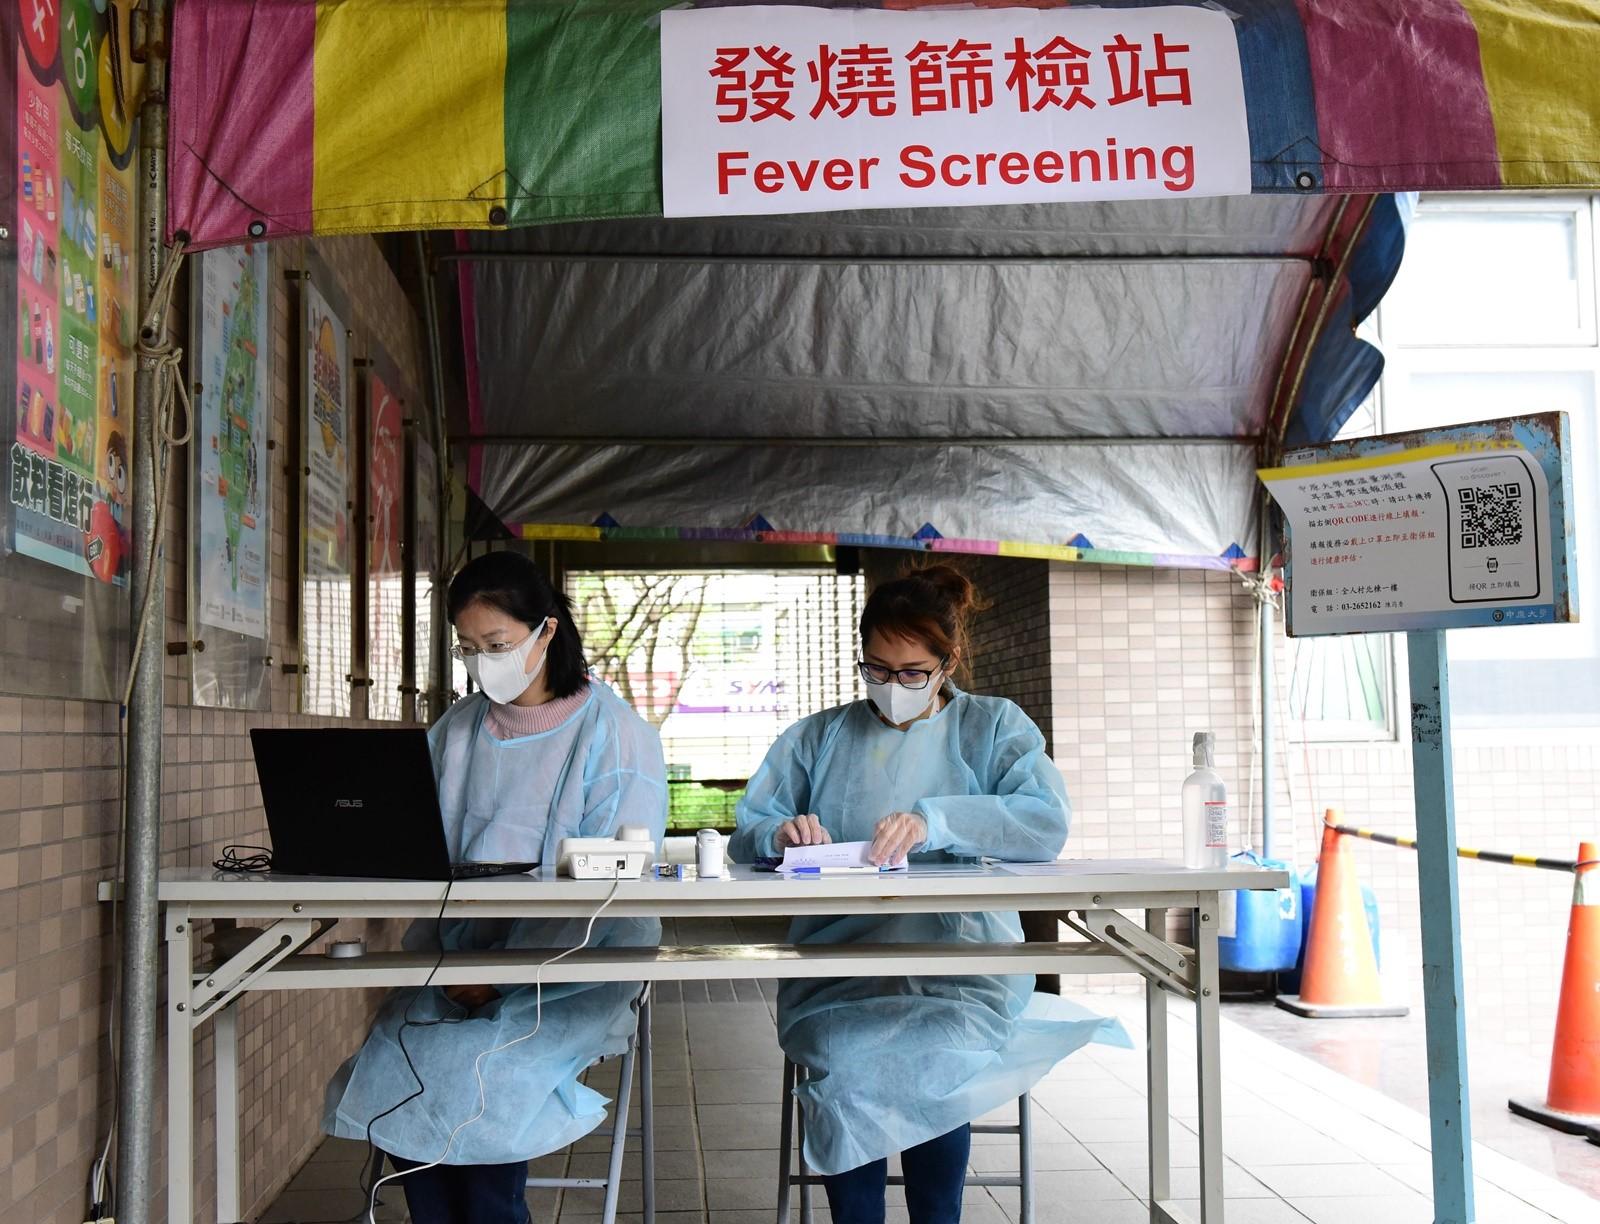 中原大學衛保組設置「發燒篩檢站」,為體溫異常的師生進行健康評估,迅速掌握適時防護。.jpg